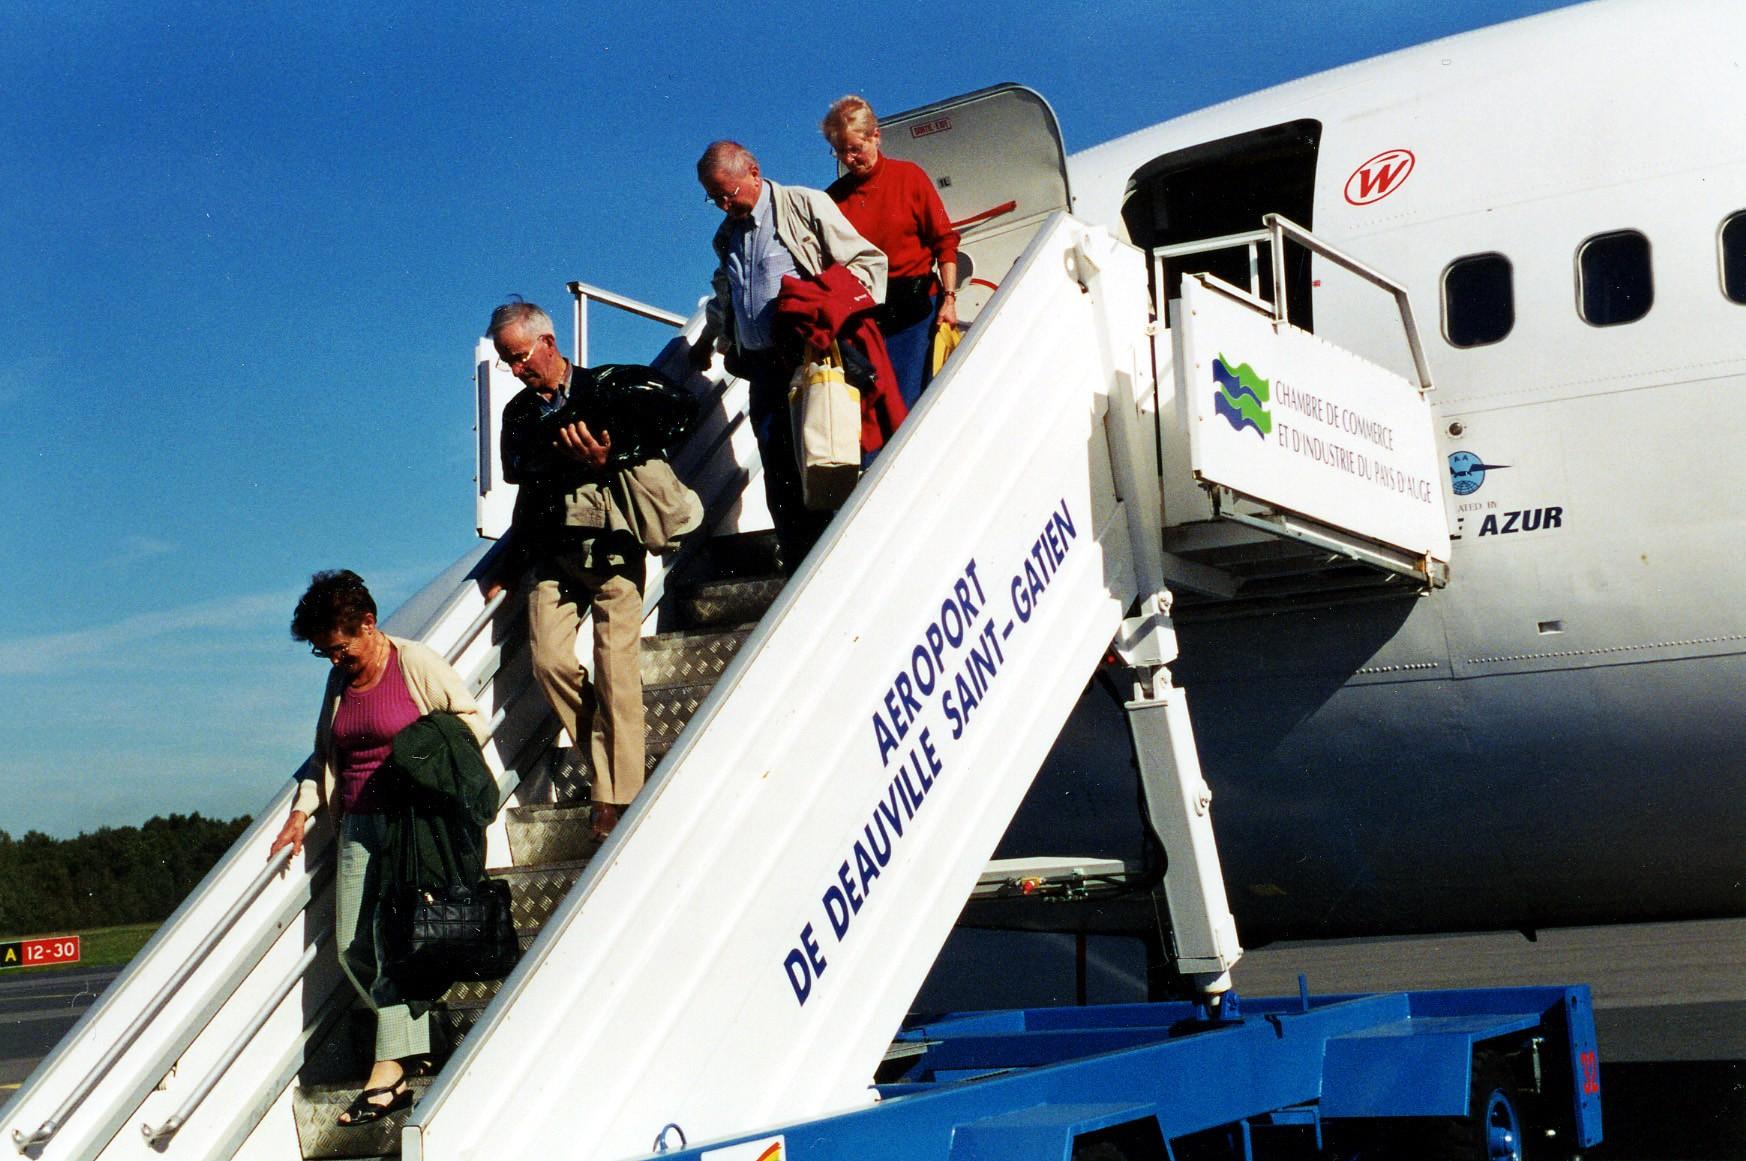 Avec 138 554 passagers enregistrés au départ de Deauville 2013, l'aéroport de Deauville Normandie confirme encore cette année sa position de premier aéroport interrégional (Photo d'illustration)